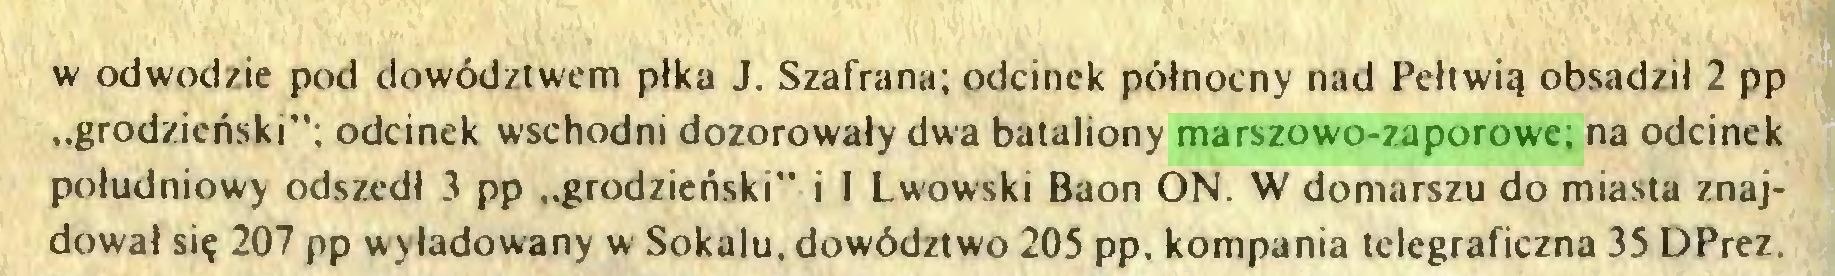 """(...) w odwodzie pod dowództwem płka J. Szafrana; odcinek północny nad Pełtwią obsadził 2 pp """"grodzieński""""; odcinek wschodni dozorowały dwa bataliony marszowo-zaporowe; na odcinek południowy odszedł 3 pp """"grodzieński"""" i I Lwowski Baon ON. W domarszu do miasta znajdował się 207 pp wyładowany w Sokalu, dowództwo 205 pp, kompania telegraficzna 35 DPrez..."""